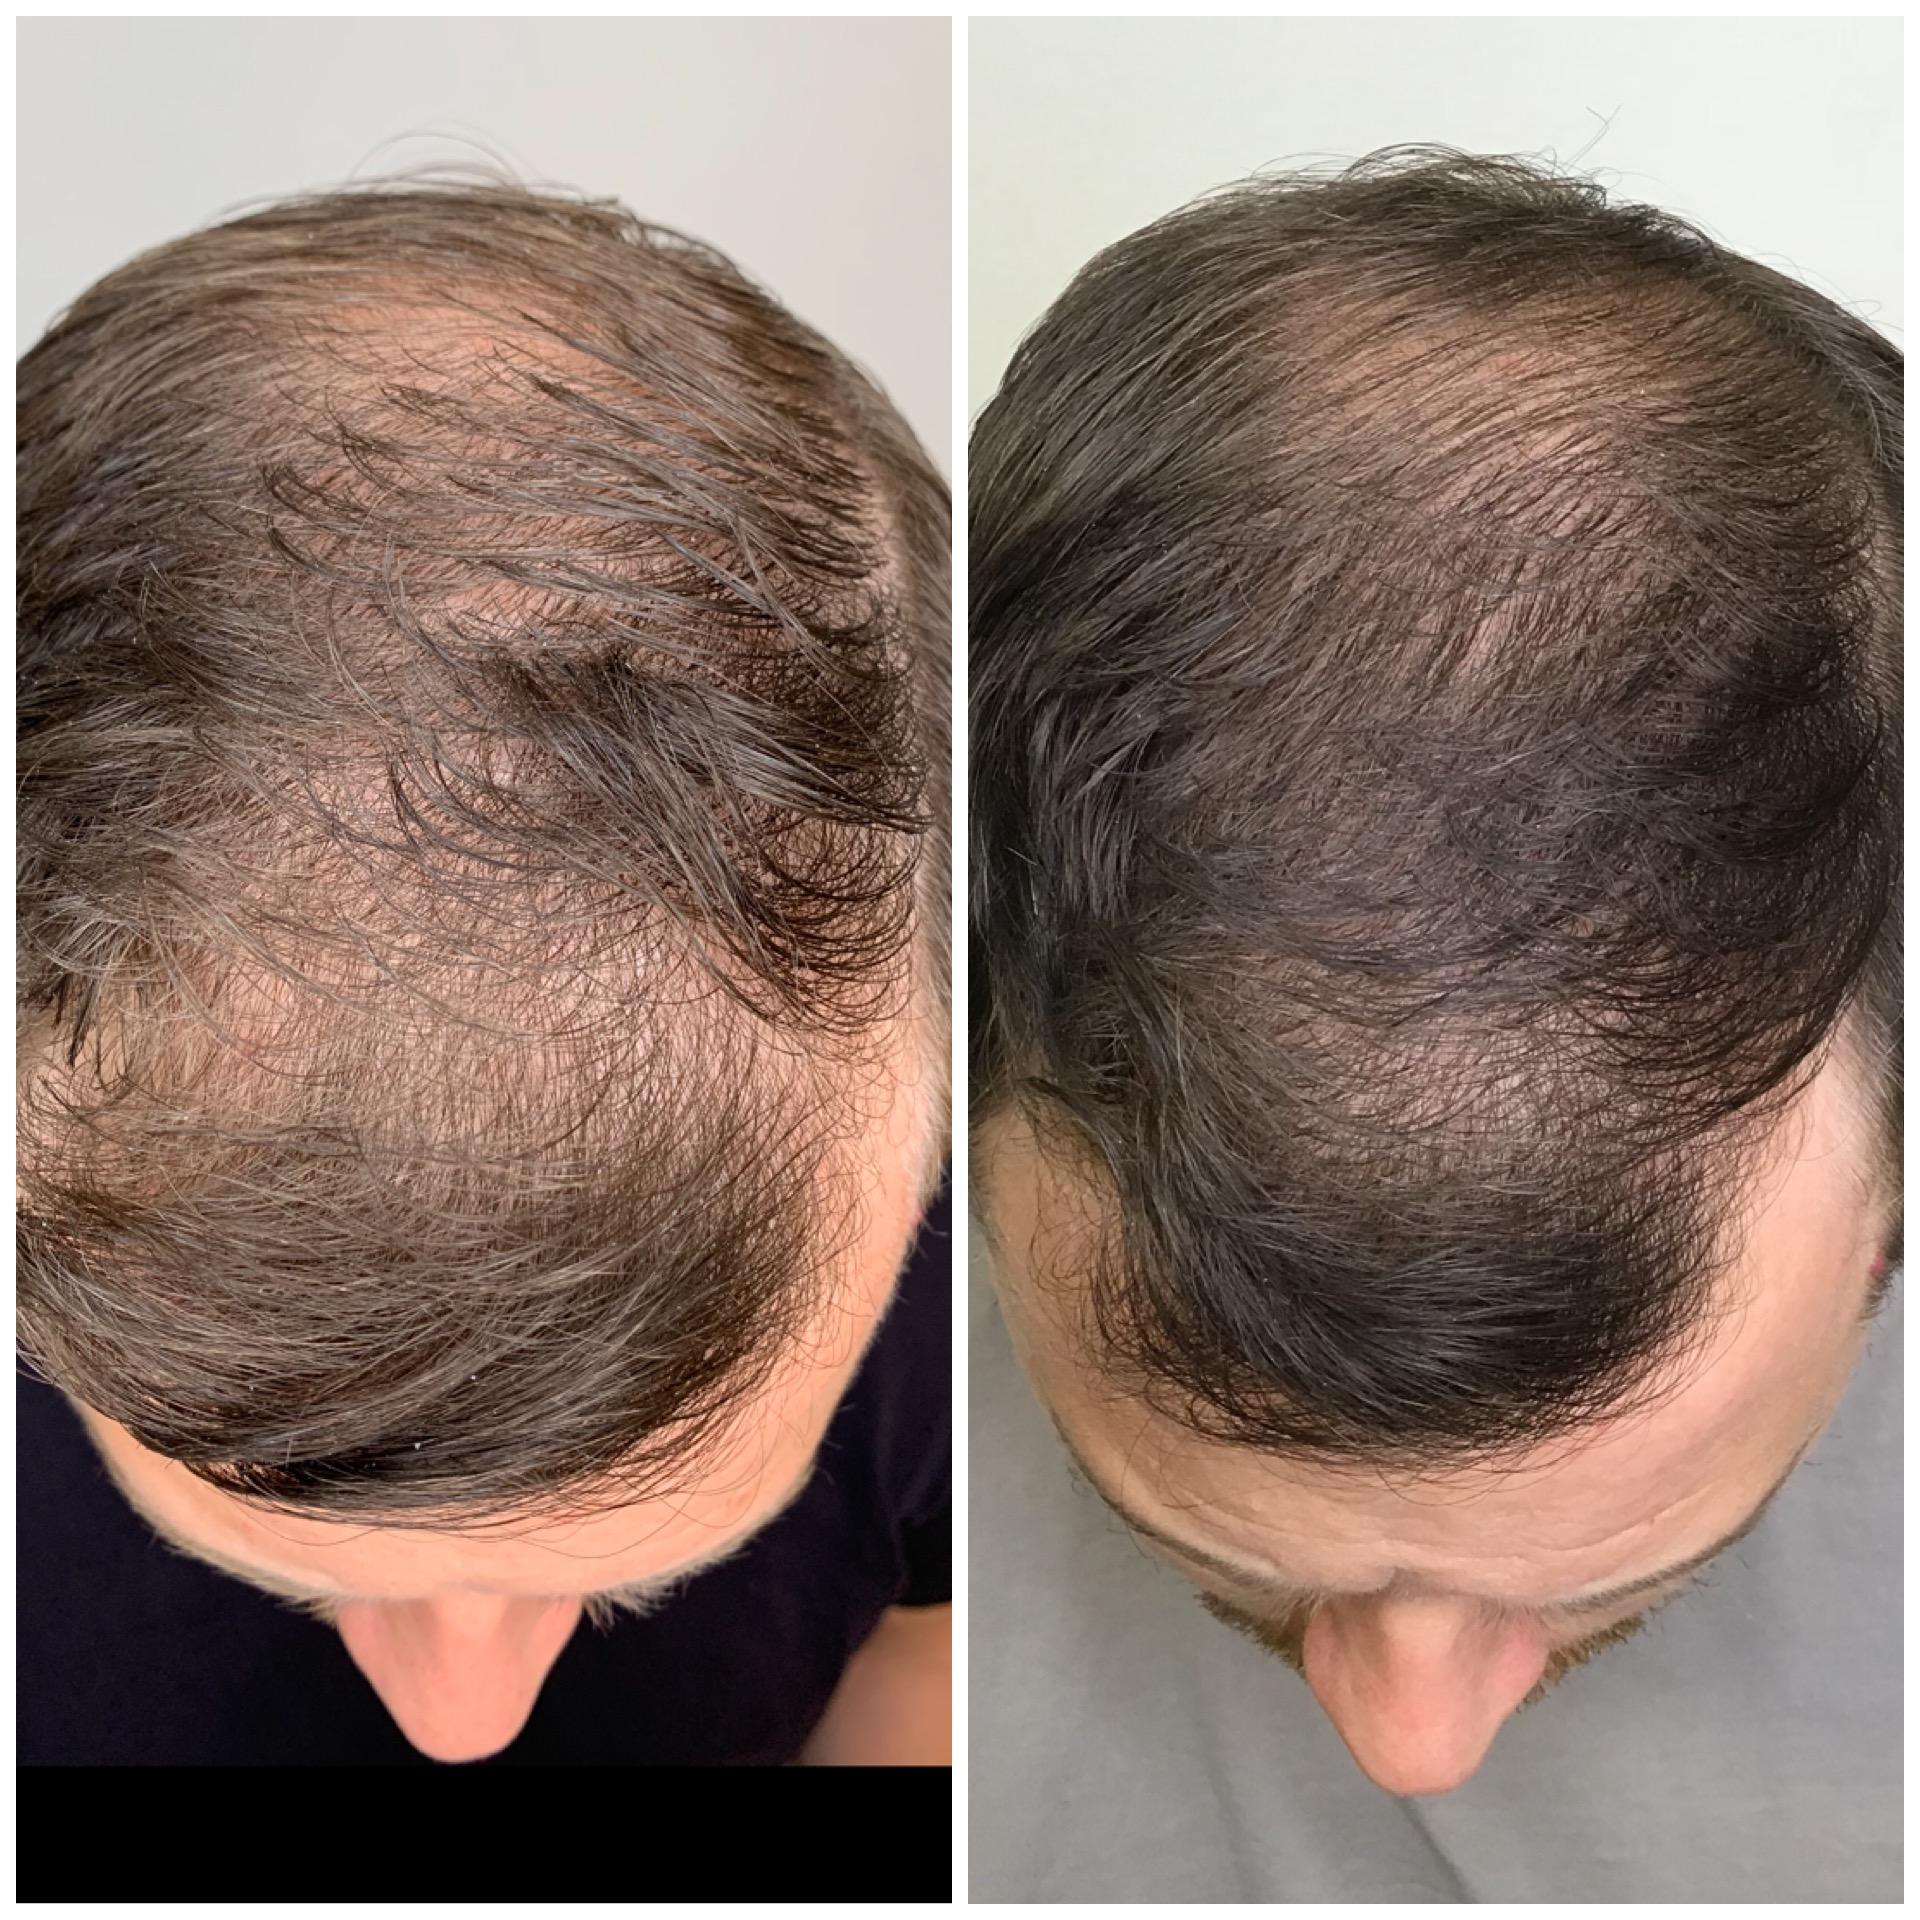 prp behandling hår flashback